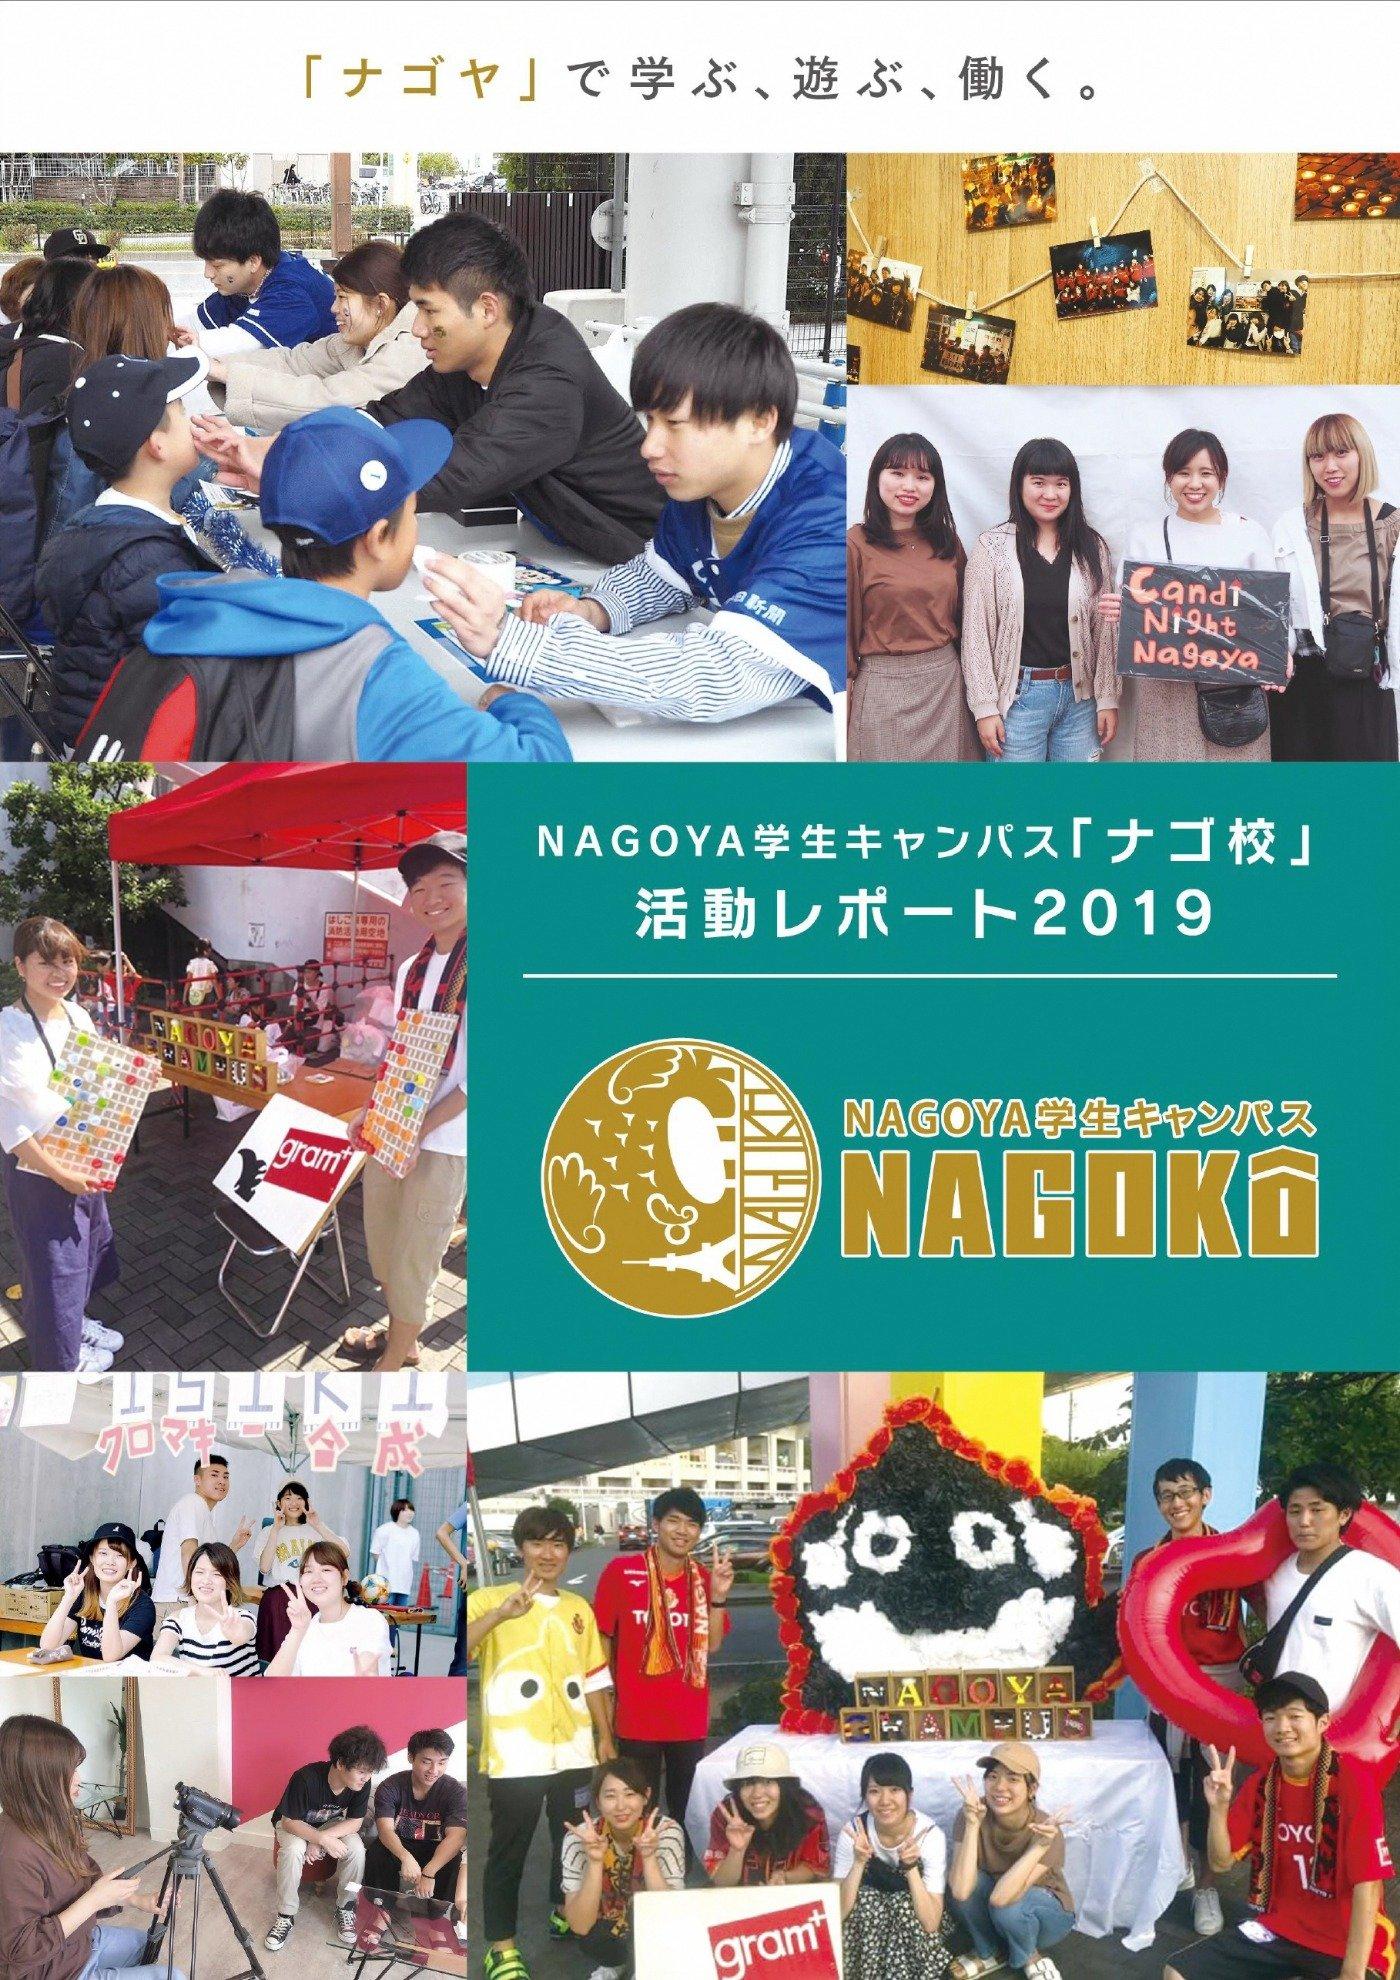 ナゴ校活動レポート2019 PDF(4.6MB)表紙画像